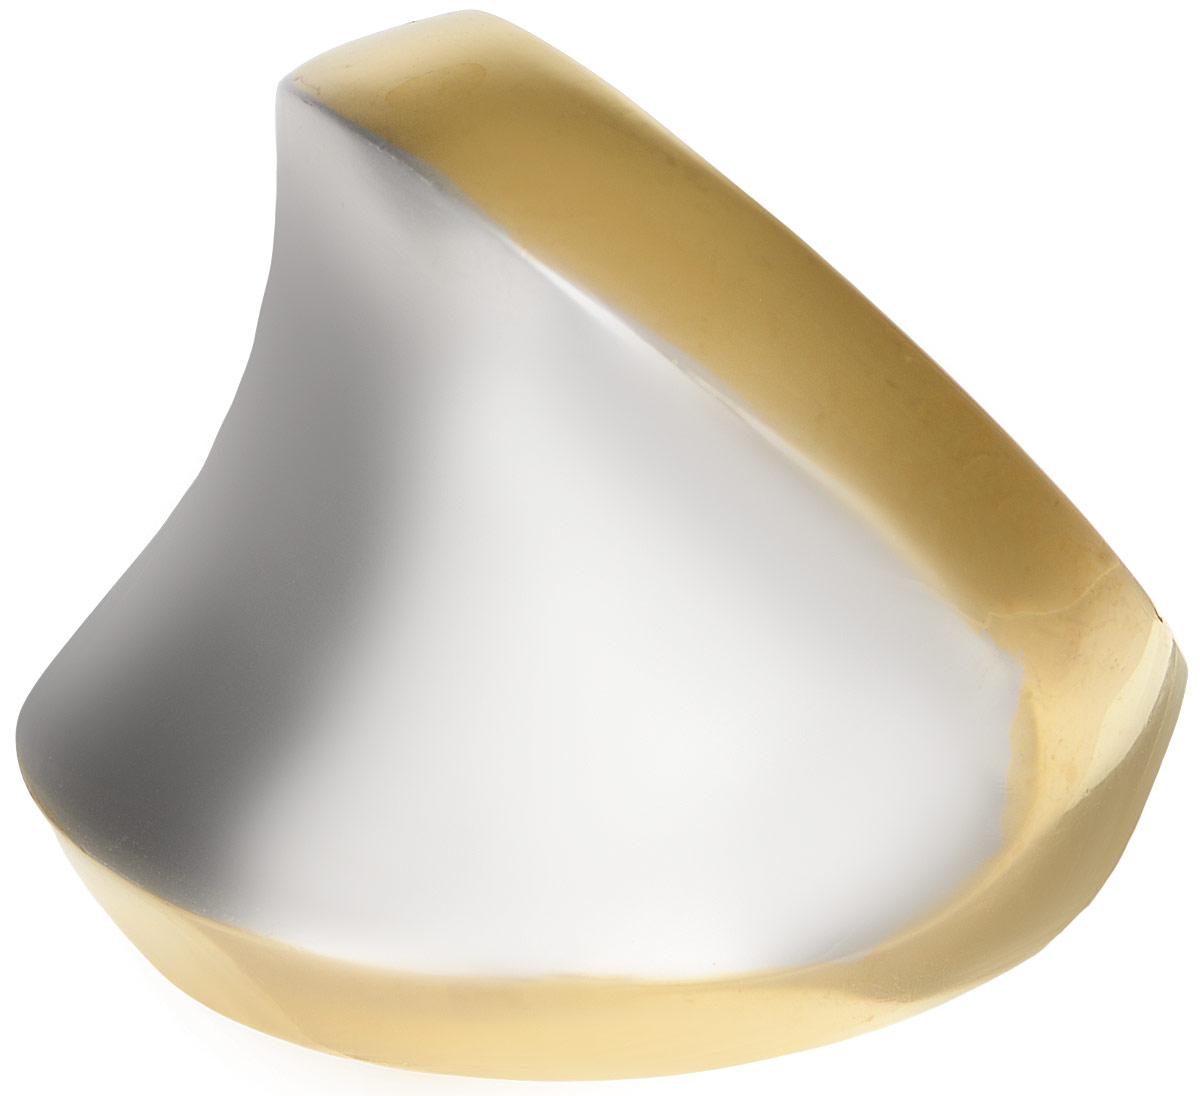 Кольцо Polina Selezneva, цвет: золотистый, серебристый. DG-0026. Размер 18DG-0026-08Оригинальное кольцо Polina Selezneva выполнено из металлического сплава. Оформлено изделие интересной вогнутой формы. Такое кольцо это блестящее завершение вашего неповторимого, смелого образа и отличный подарок для ценительницы необычных украшений!